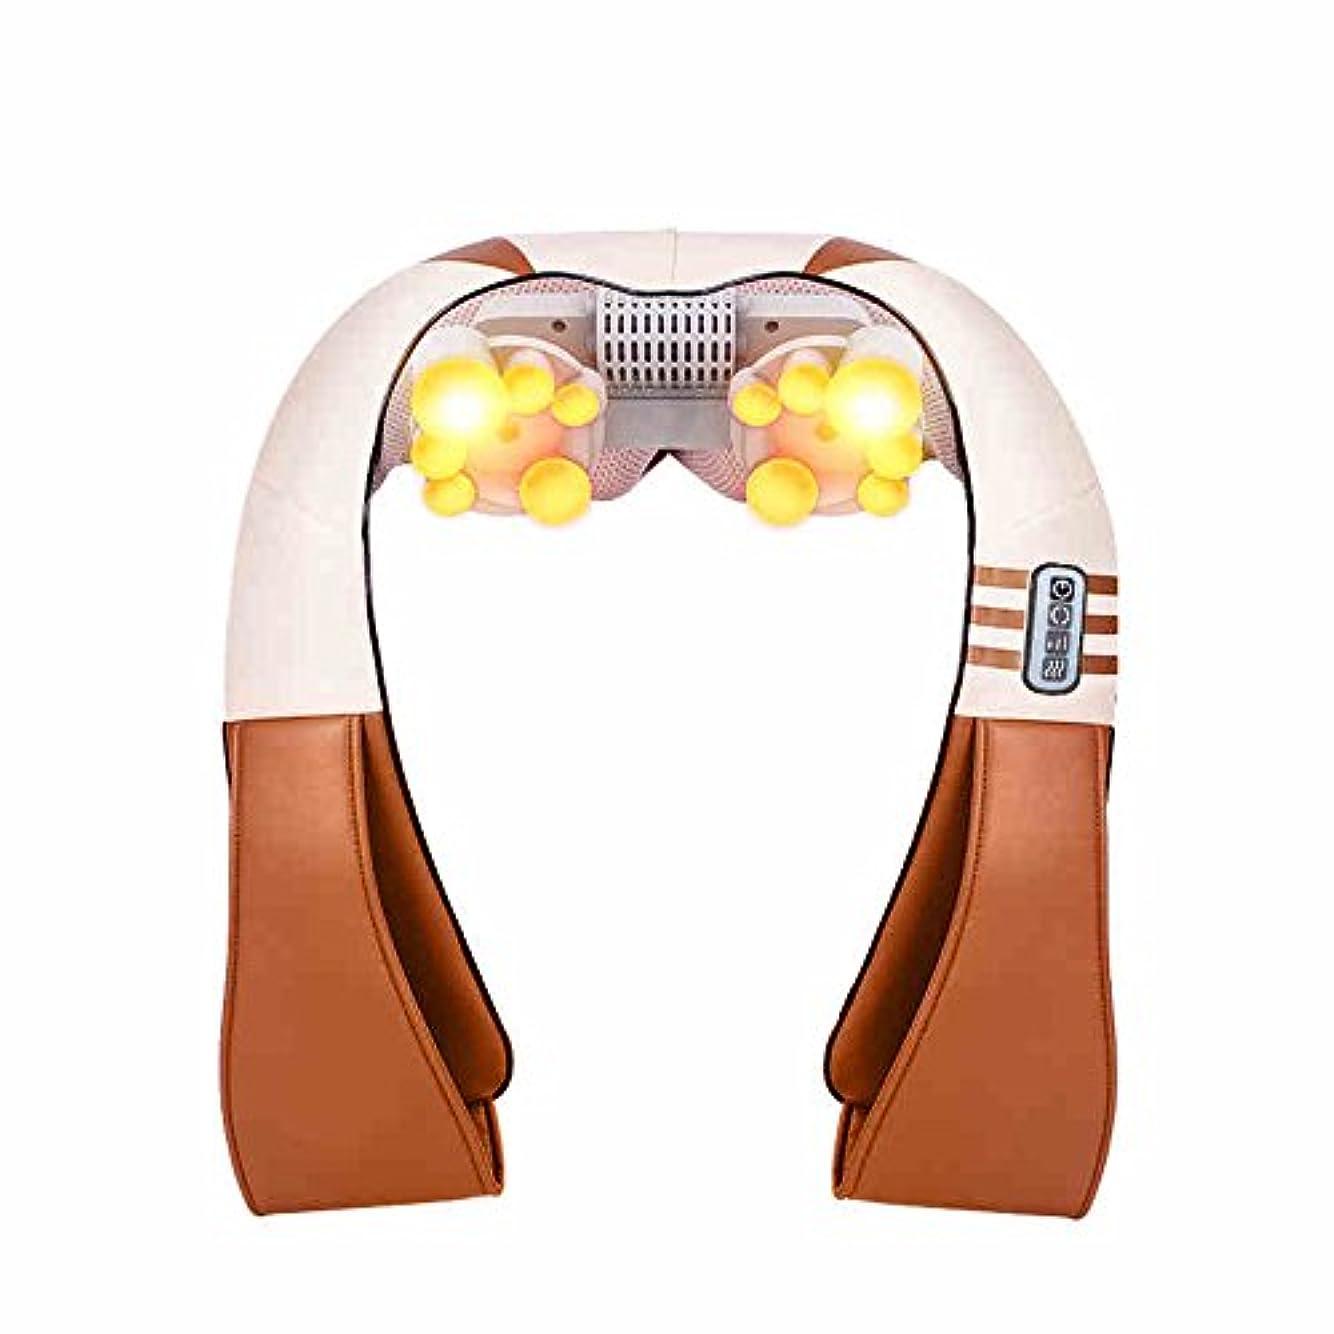 安心浸漬憂鬱HAIZHEN マッサージチェア フルボディマッサージ器の電気運動振動指圧の混乱指圧リウマチの痛みを和らげる頭の血液循環を促進する